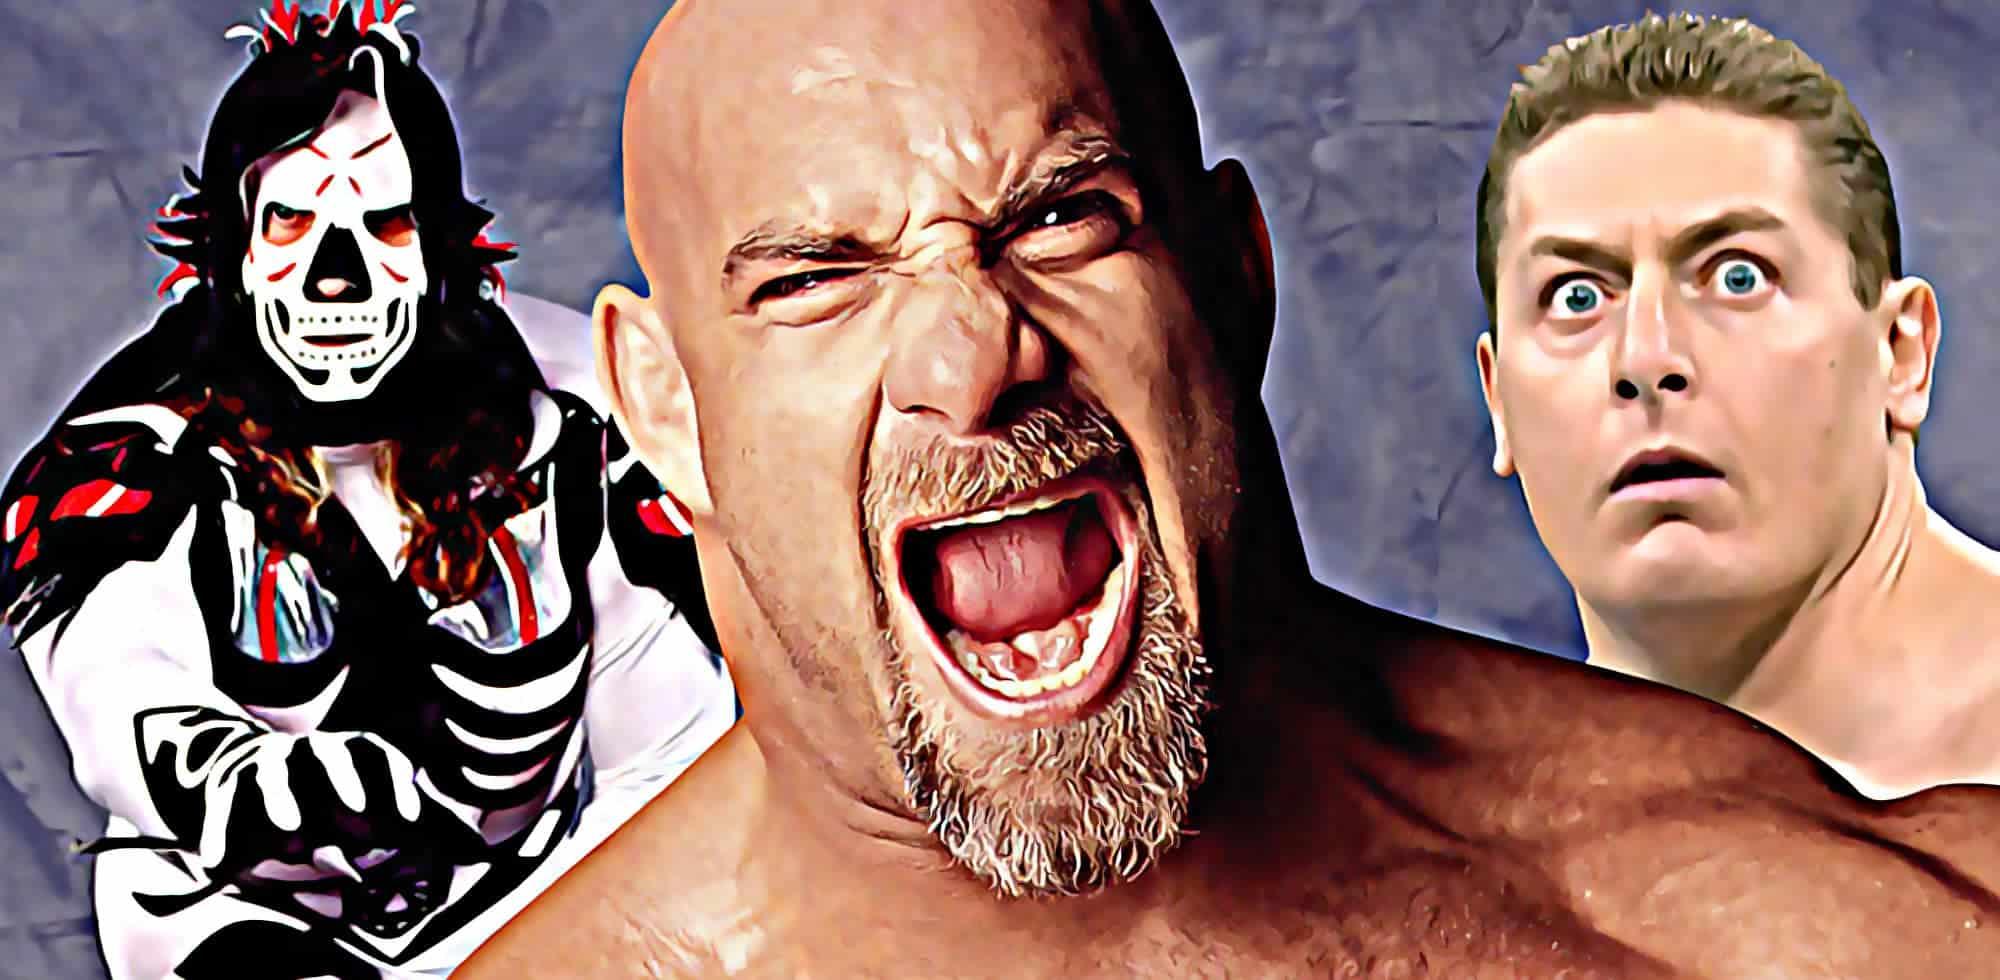 ¿Qué tan grave fue la lesión de Goldberg a LA Park en 1998? Un vistazo a esa lucha y al encuentro derecho con William Regal 7